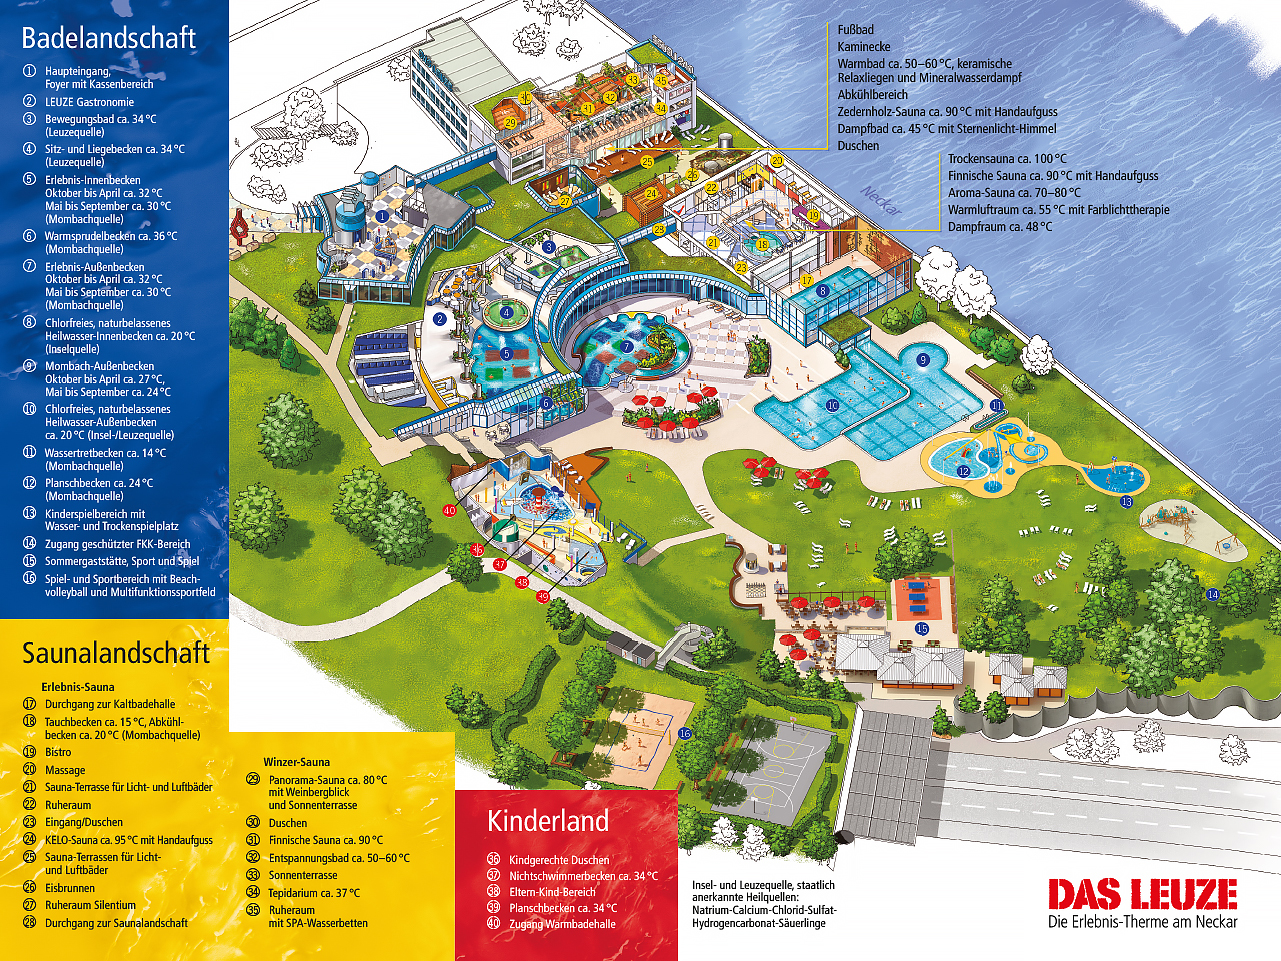 Lageplan Badelandschaft